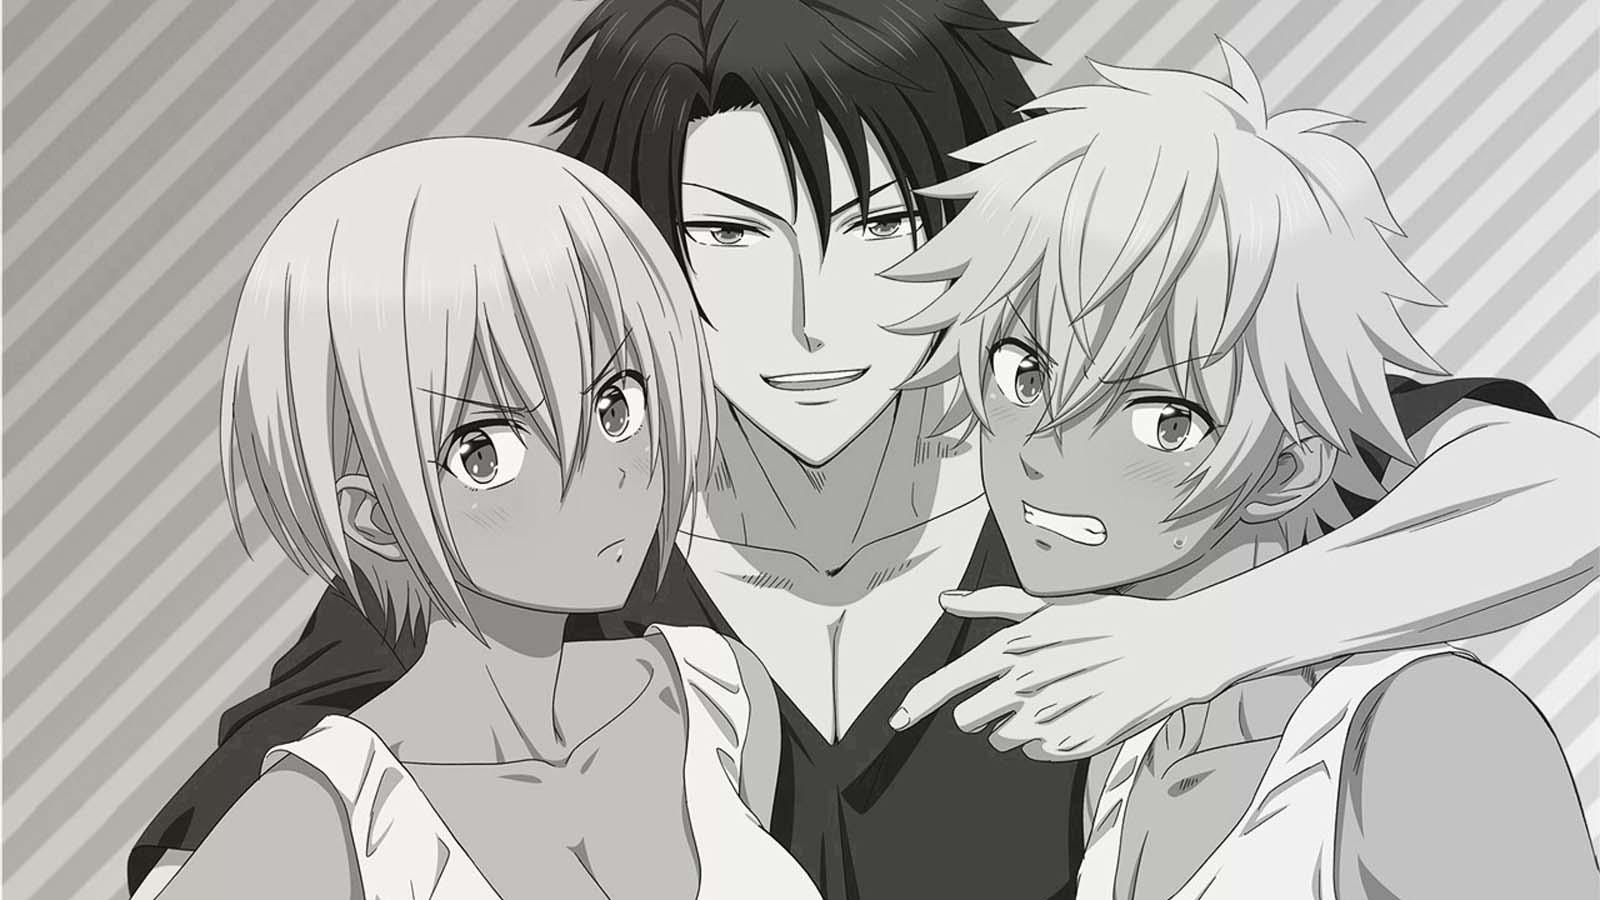 Kuro Gal ni Natta kara Shinyuu to Yattemita anime